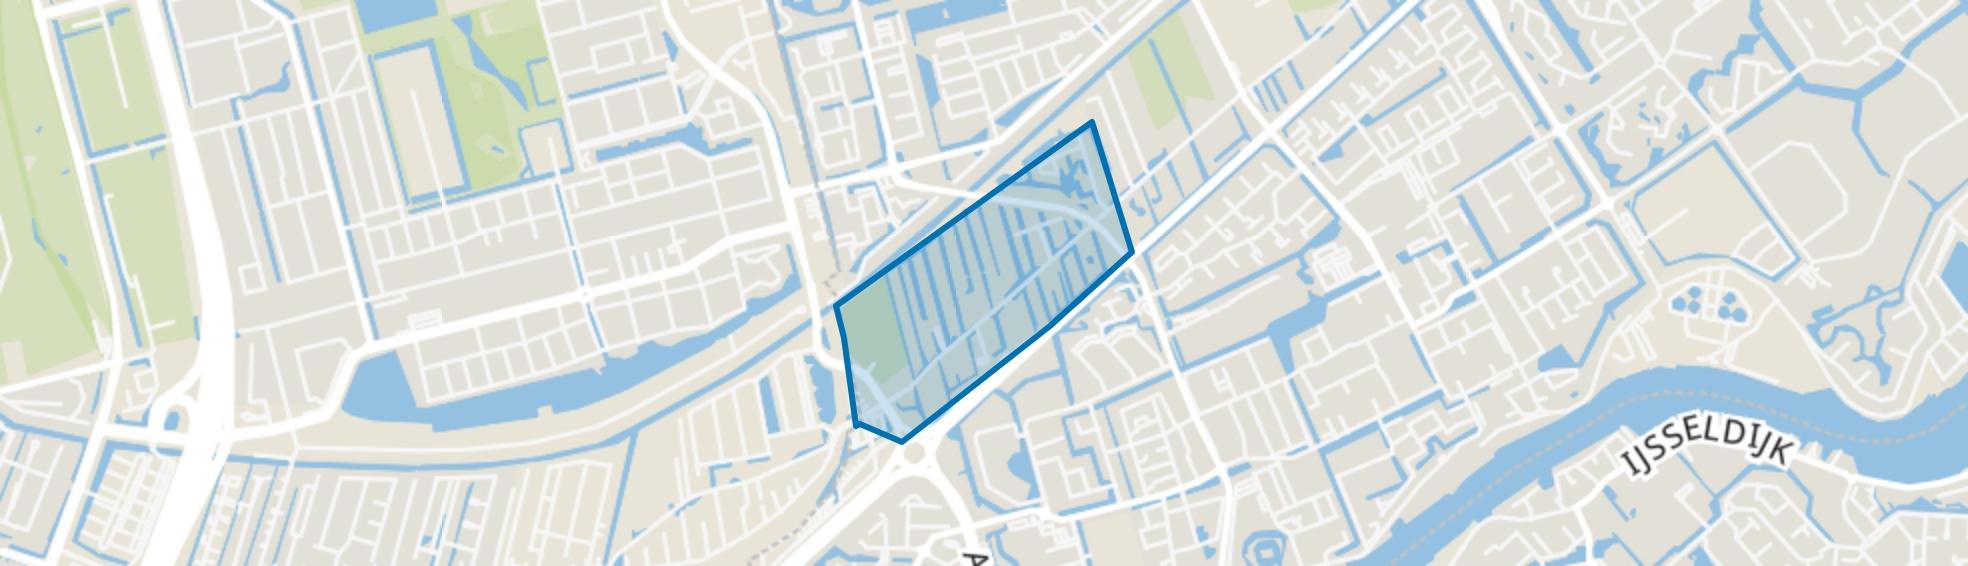 's-Gravenweg/Alexanderlaan, Capelle aan den IJssel map